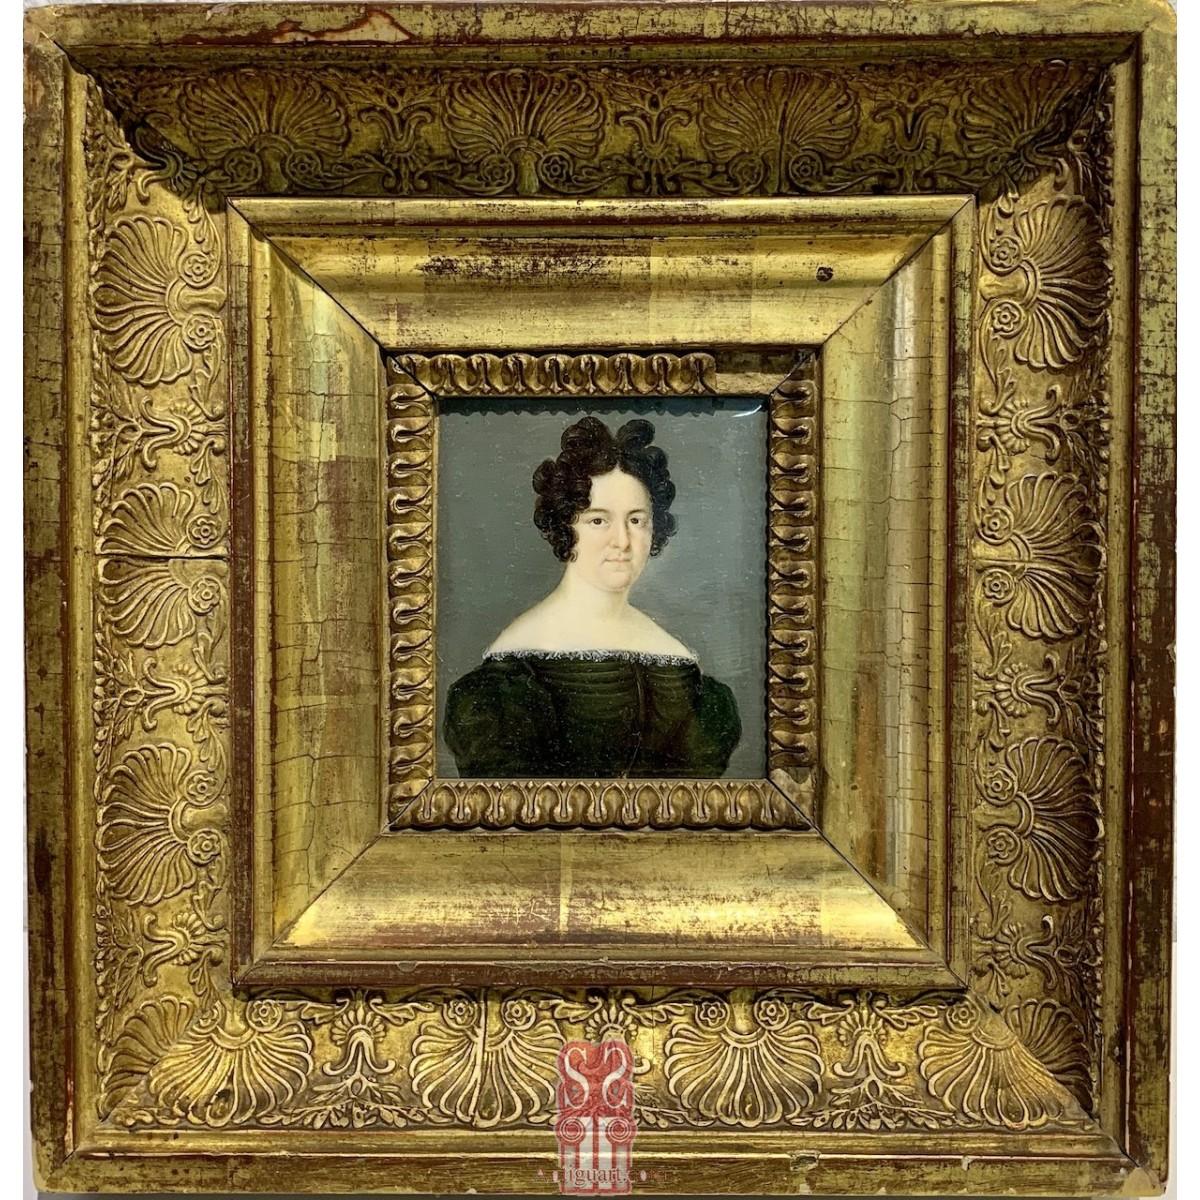 Miniatura, ritratto di donna dell'800